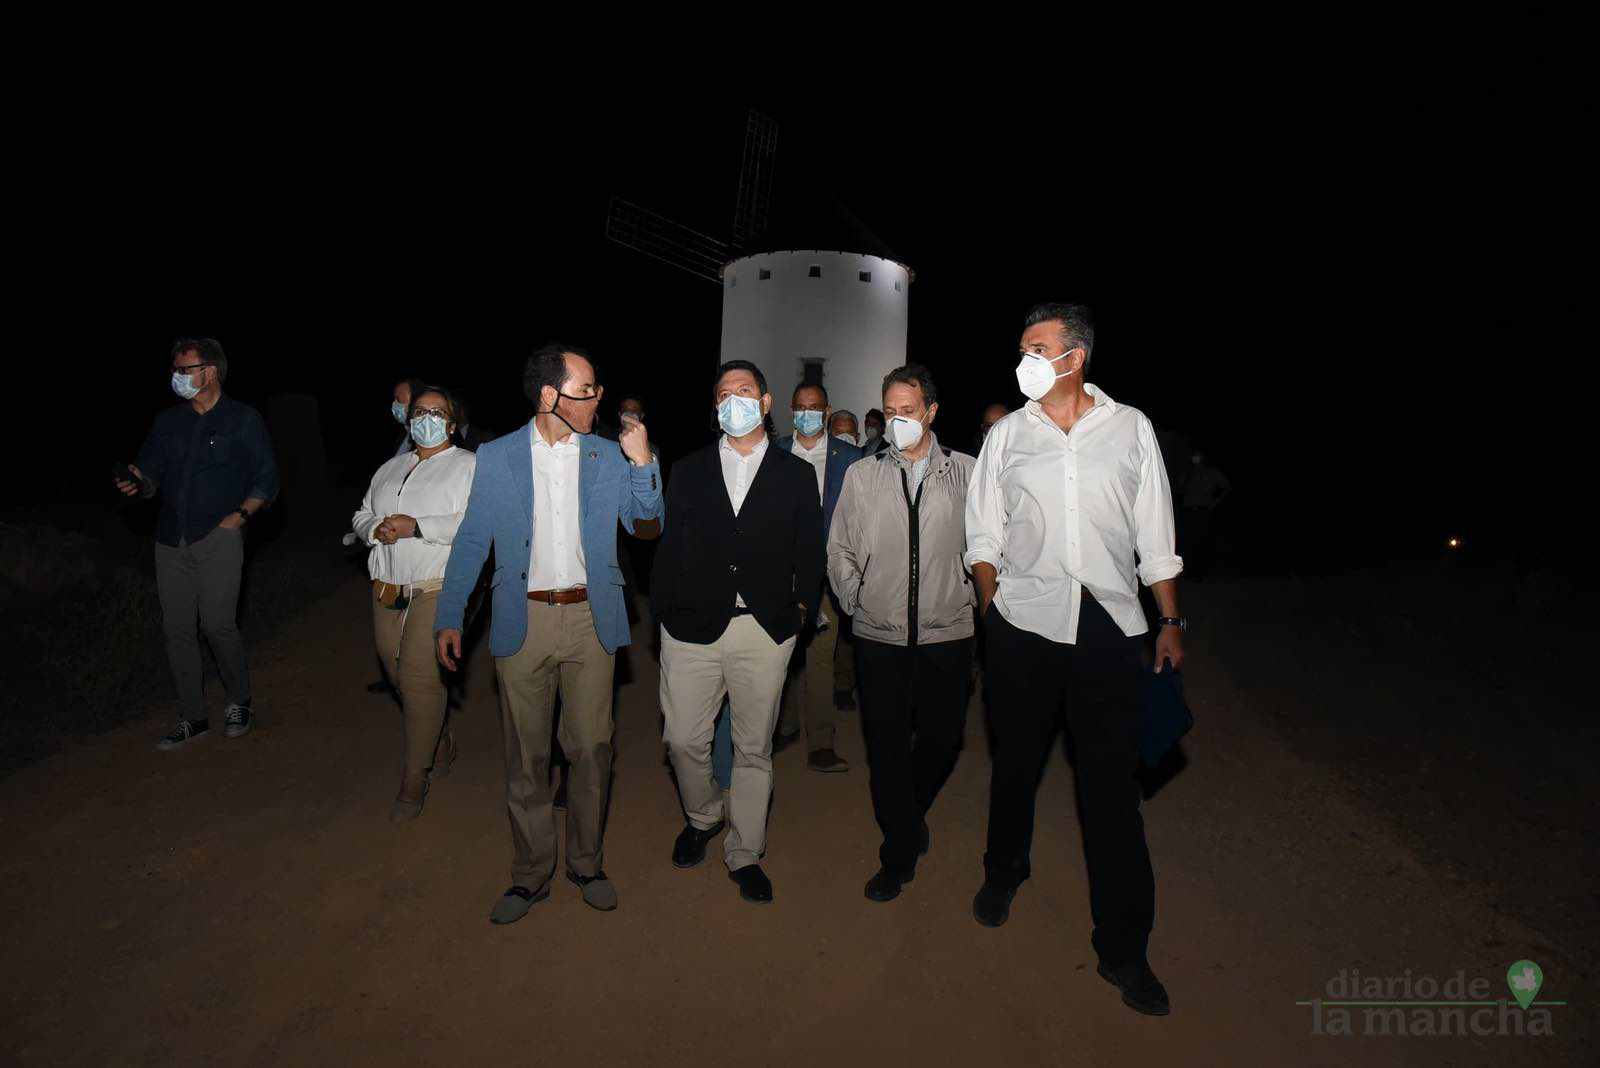 Herencia vuelve a inaugurar con una nueva iluminación artística sus molinos de viento 42